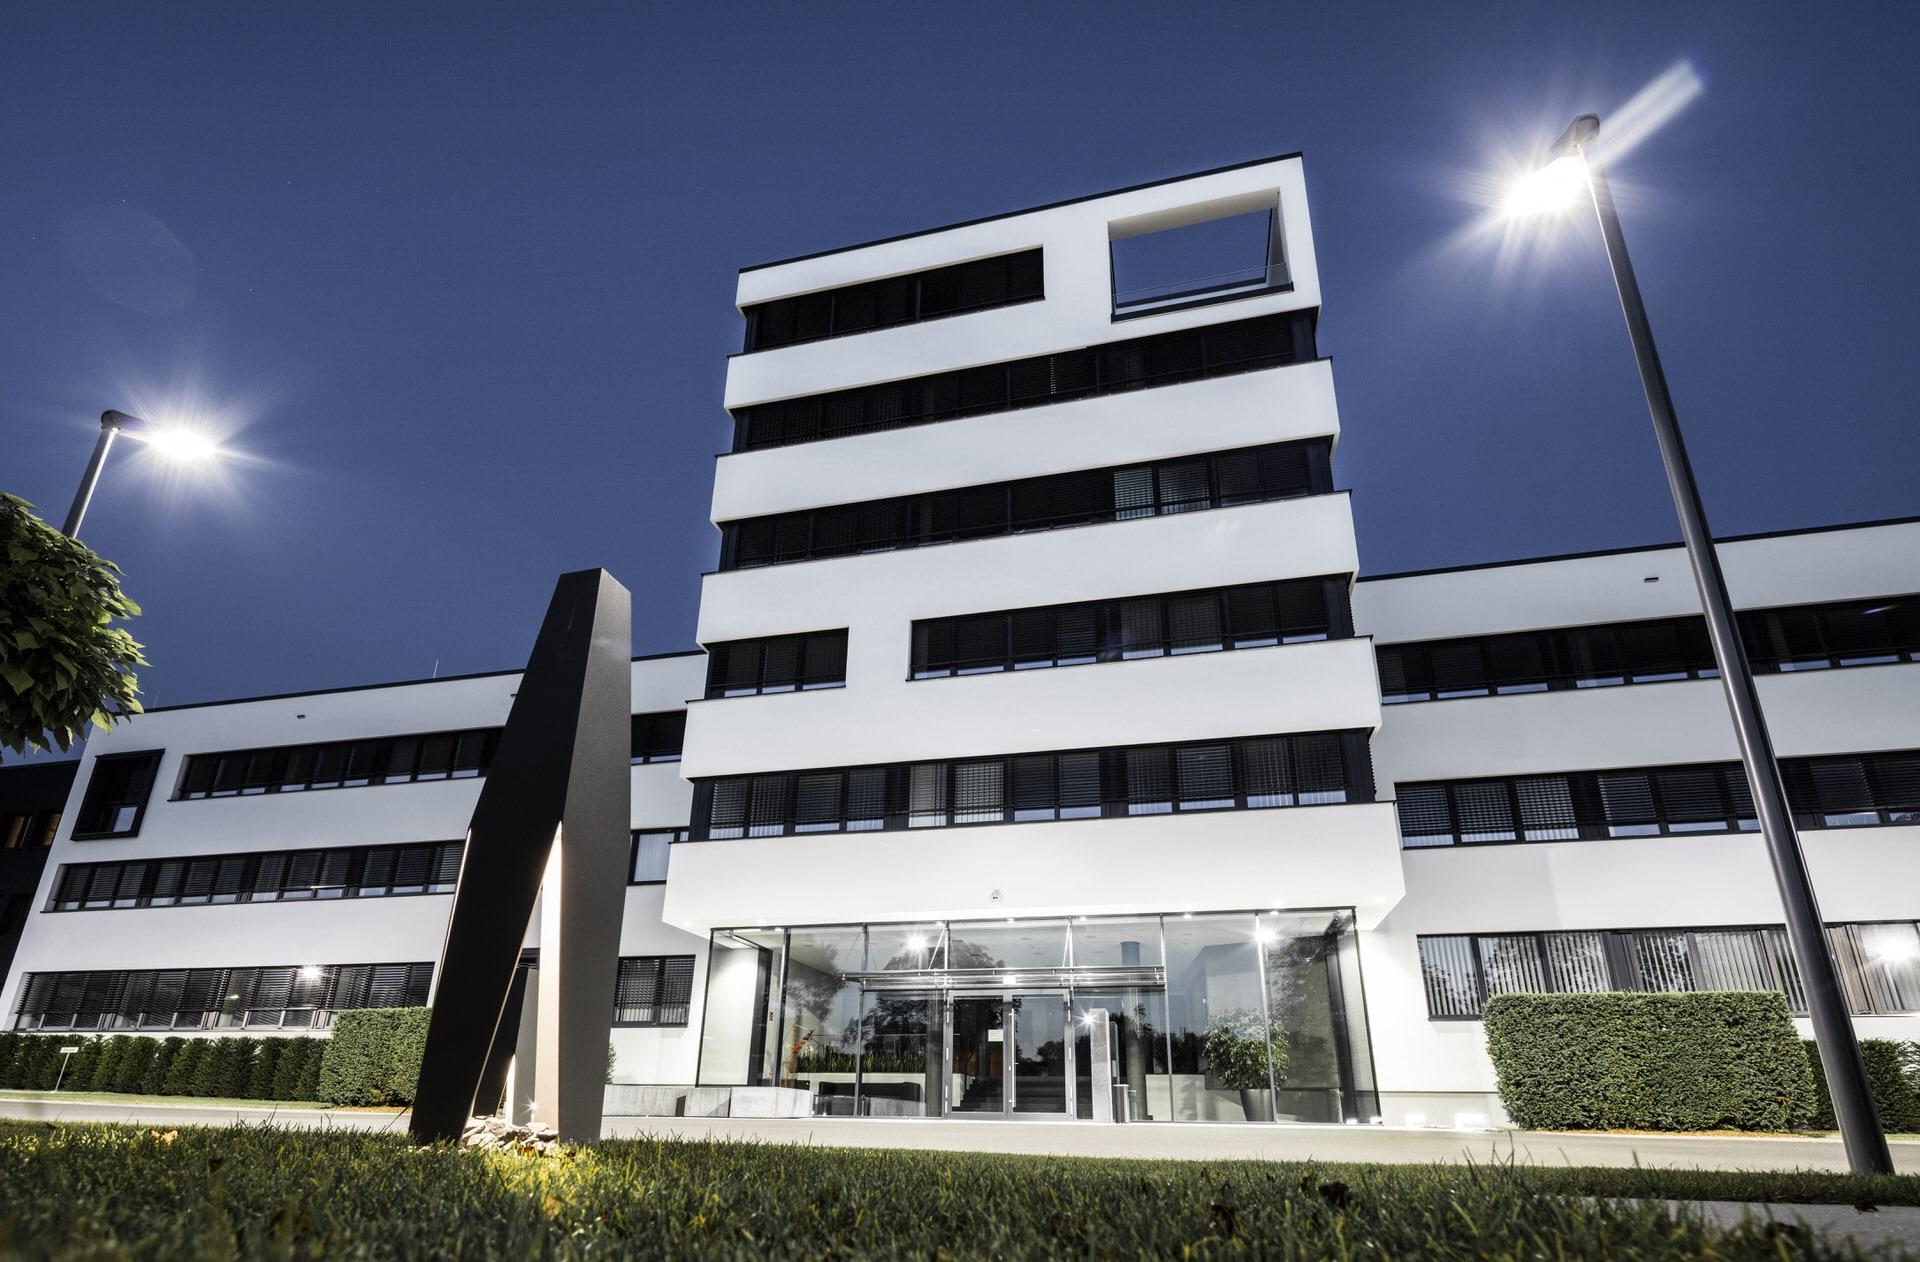 Architekten Bayreuth architekten bayreuth 28 images j 252 rgen ziegler architekten